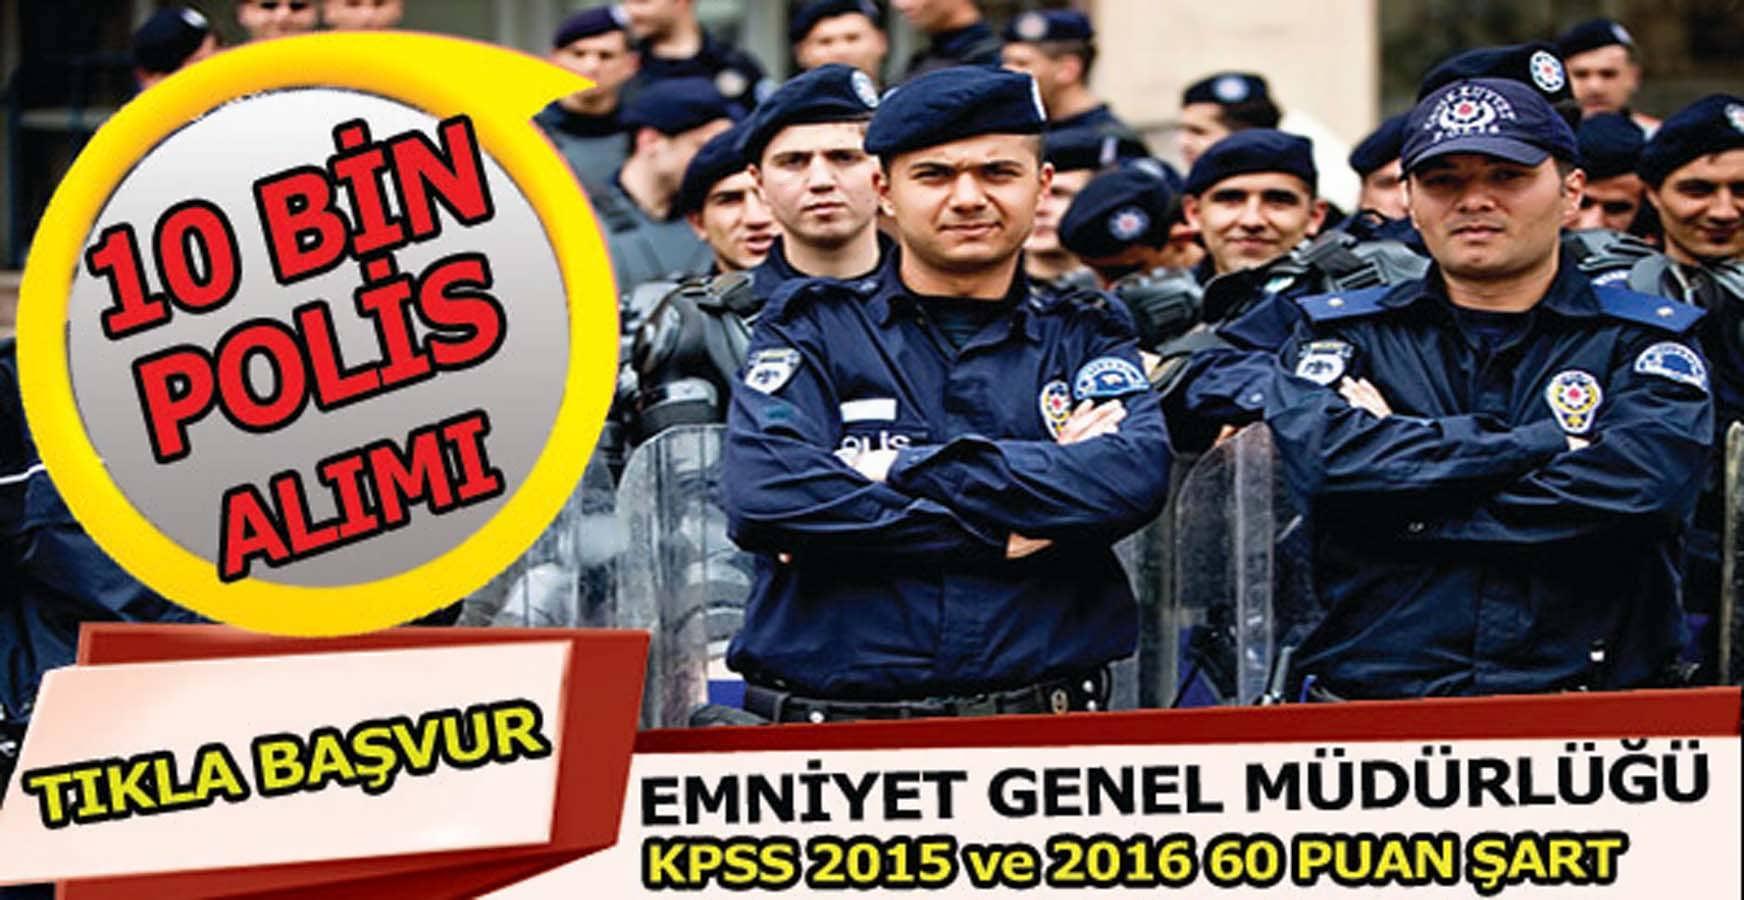 EGM Polis Akademisi 10 Bin Polis Alımı Başladı Tıkla Başvur